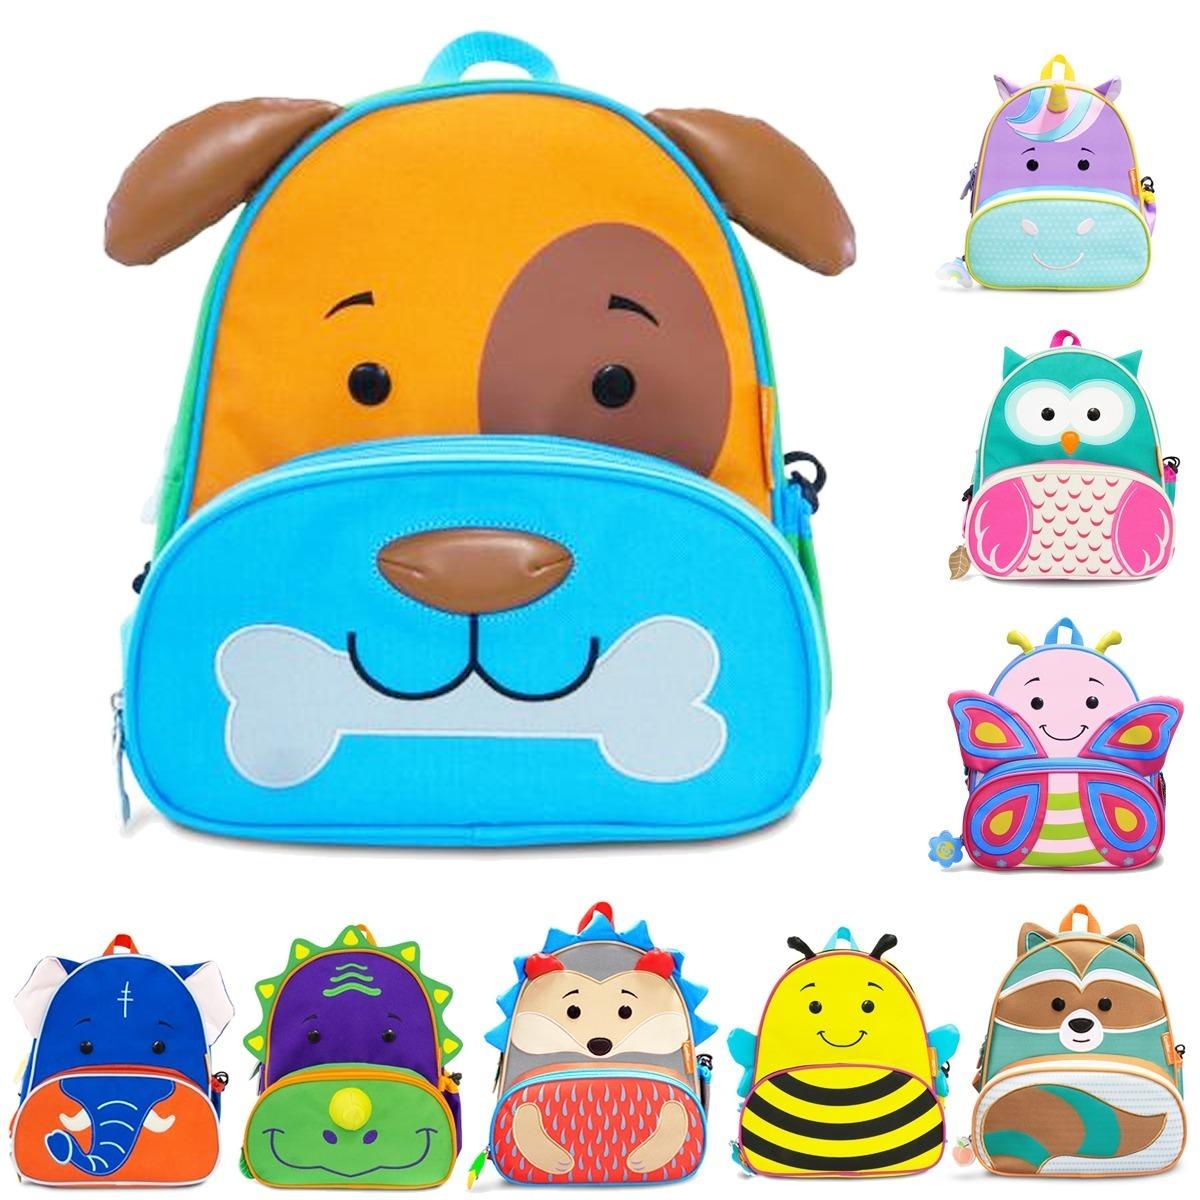 a5586156c mochila infantil animal clio bichinho escola creche cachorro. Carregando  zoom.